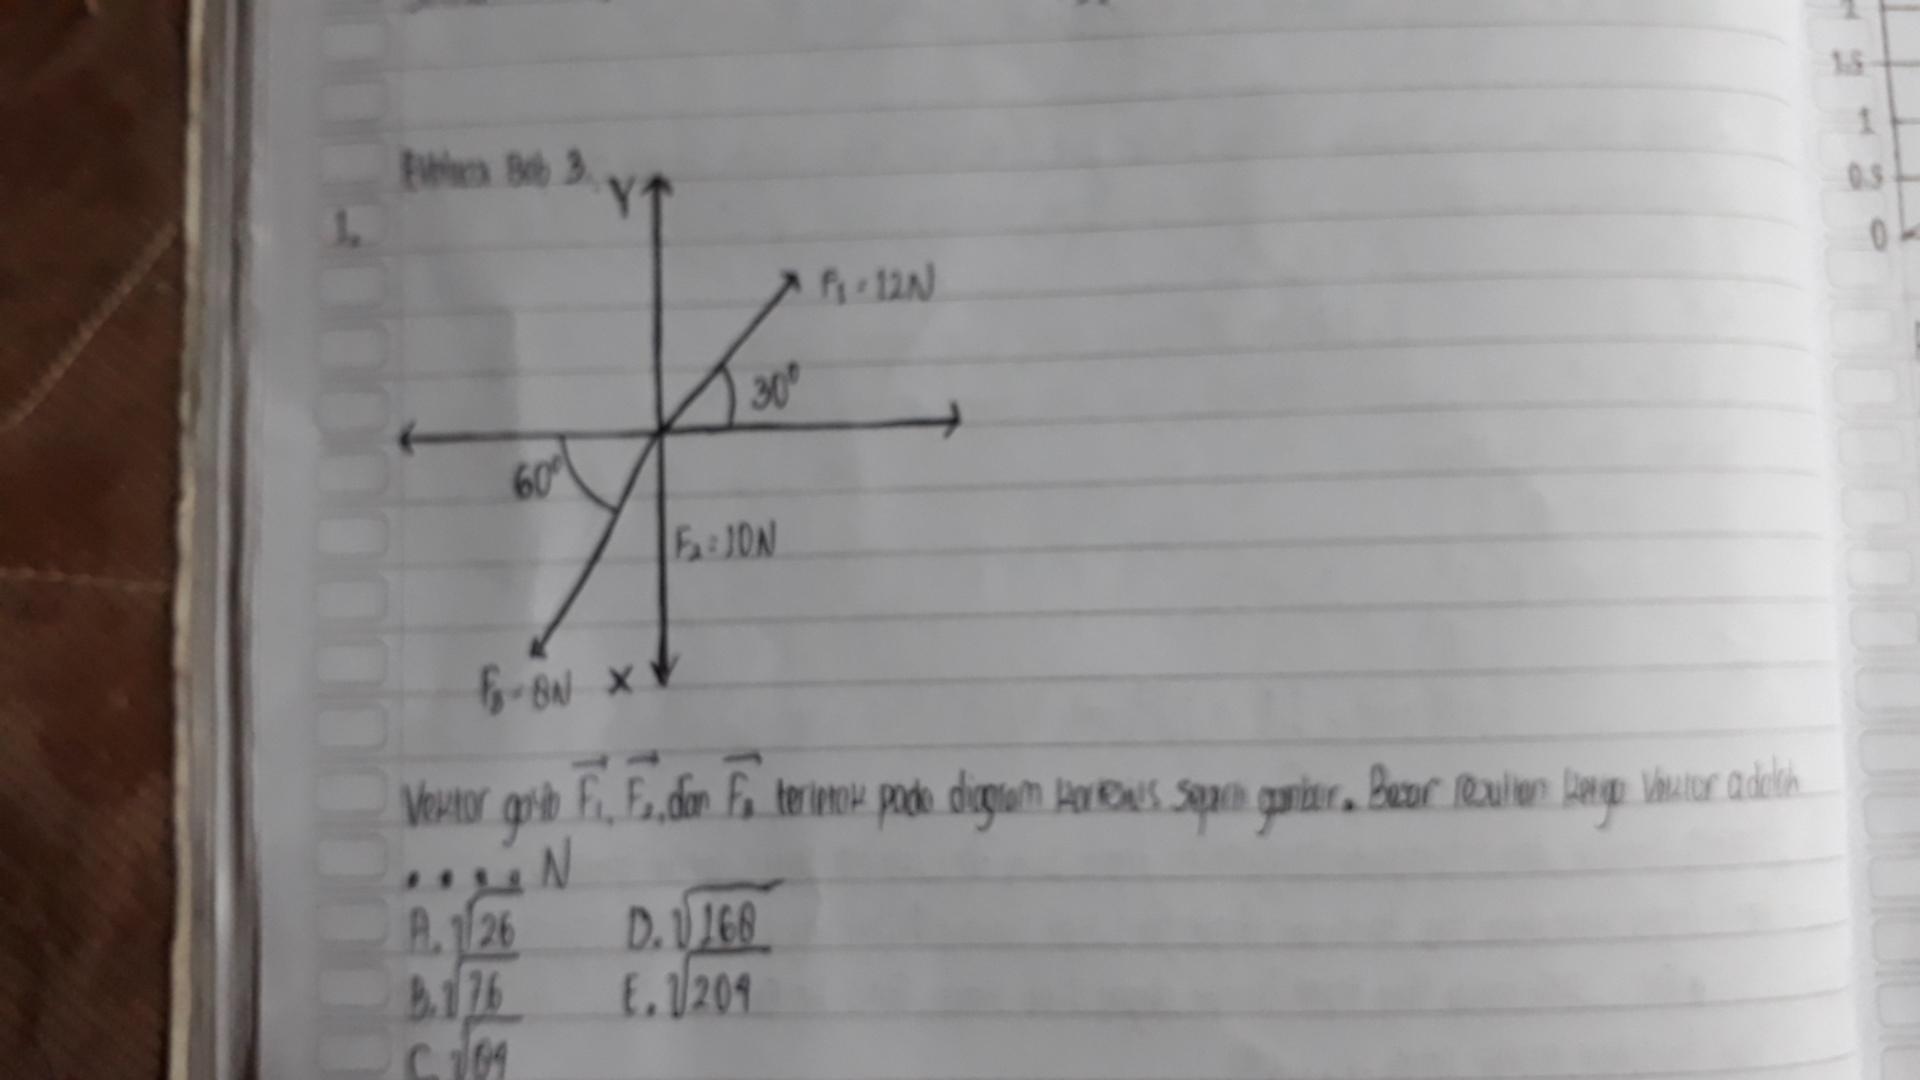 Vektor gaya f1 f2 dan f3 terletak pada diagram kartesius seperti unduh jpg ccuart Images